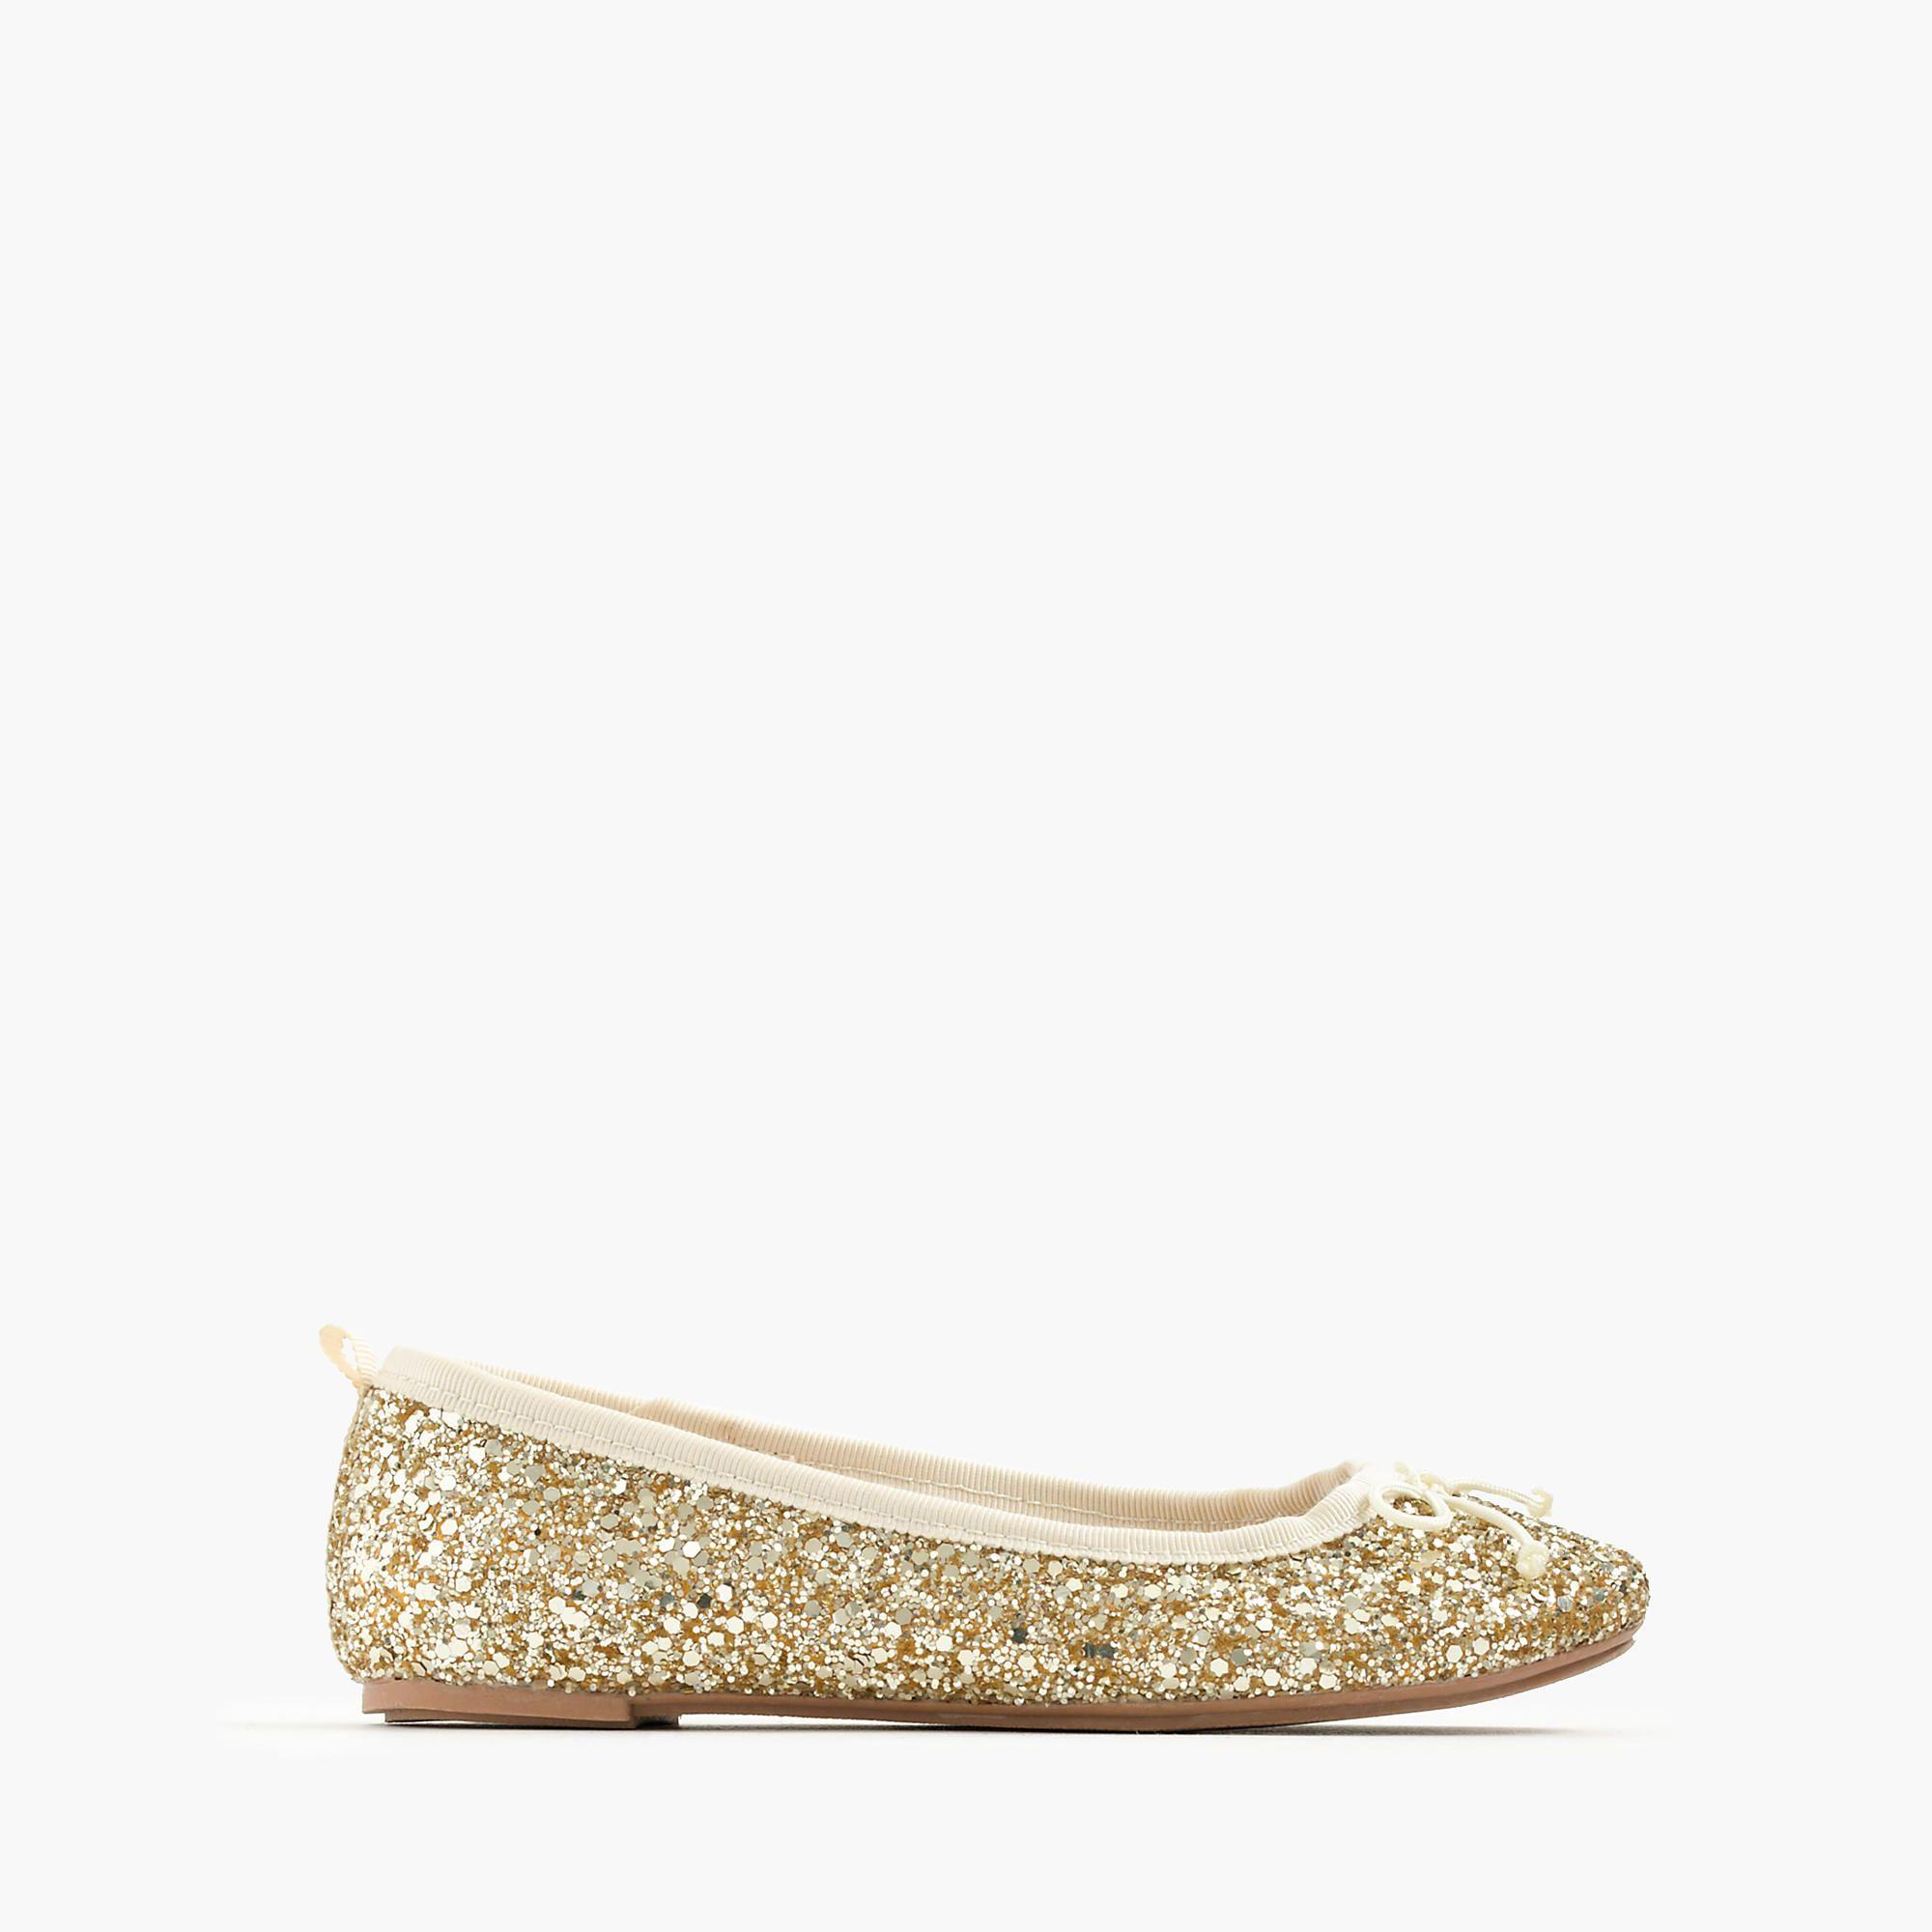 c98df237738 Girls' Classic Glitter Ballet Flats   Girls' Shoes